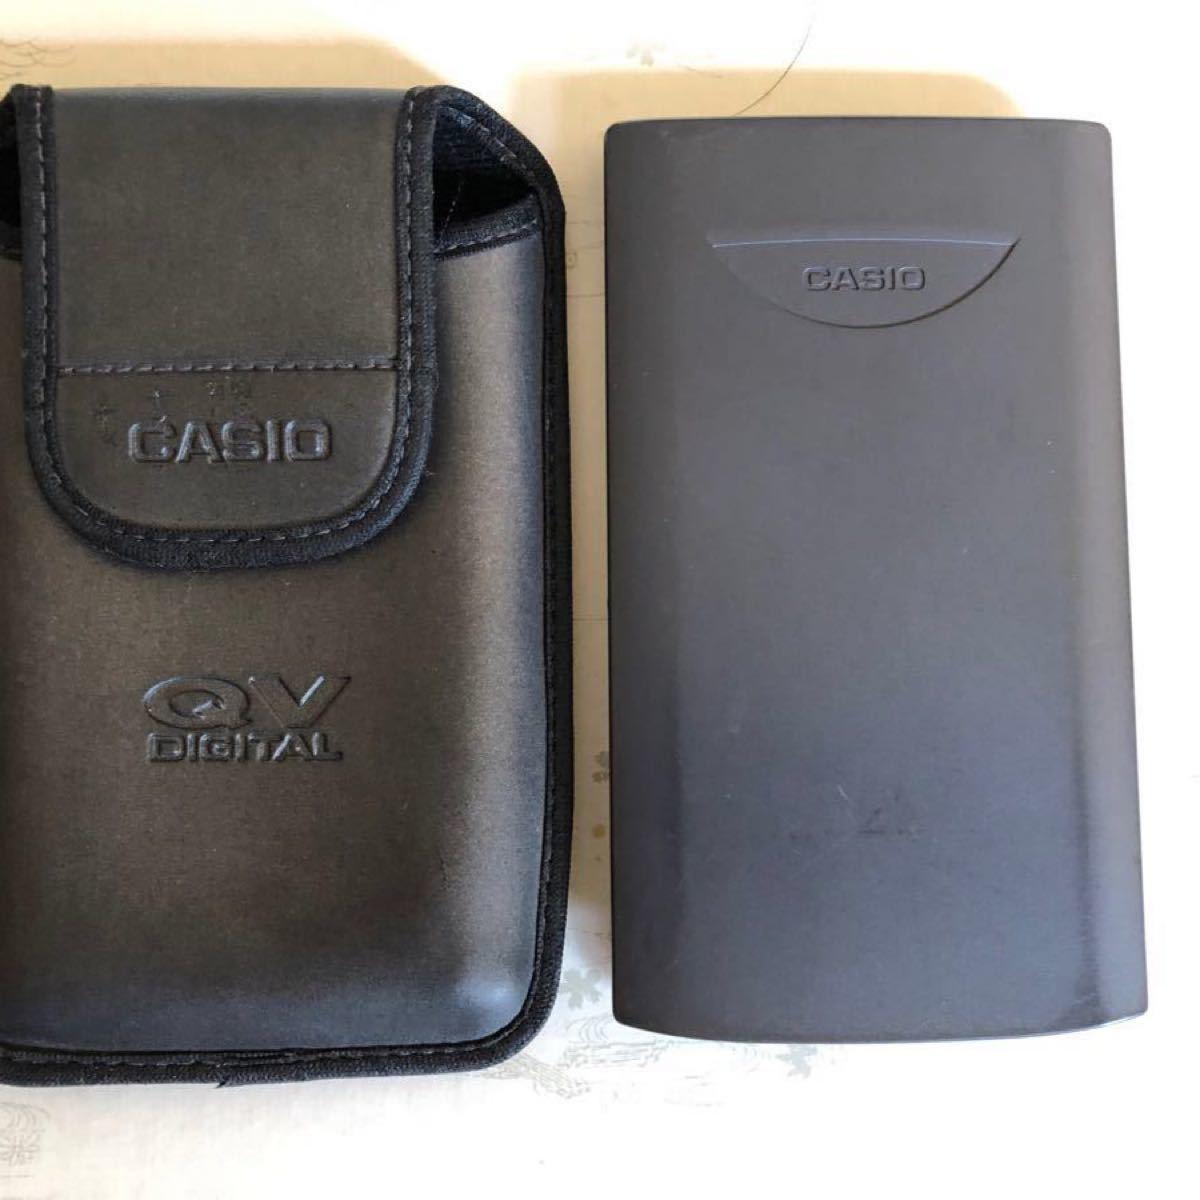 カシオ関数電卓 fx-350W